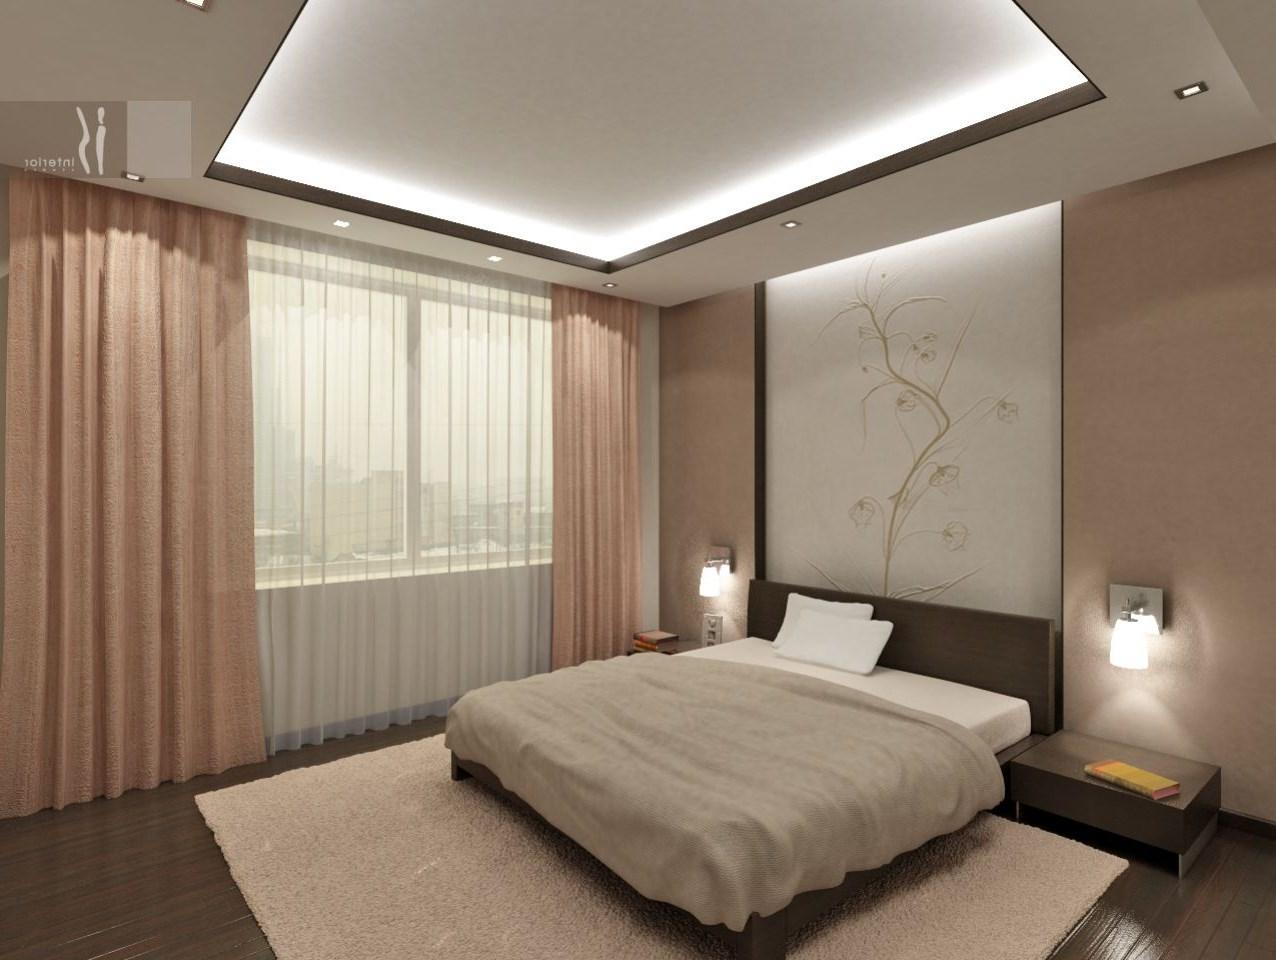 Дизайн потолков в спальне из гипсокартона фото